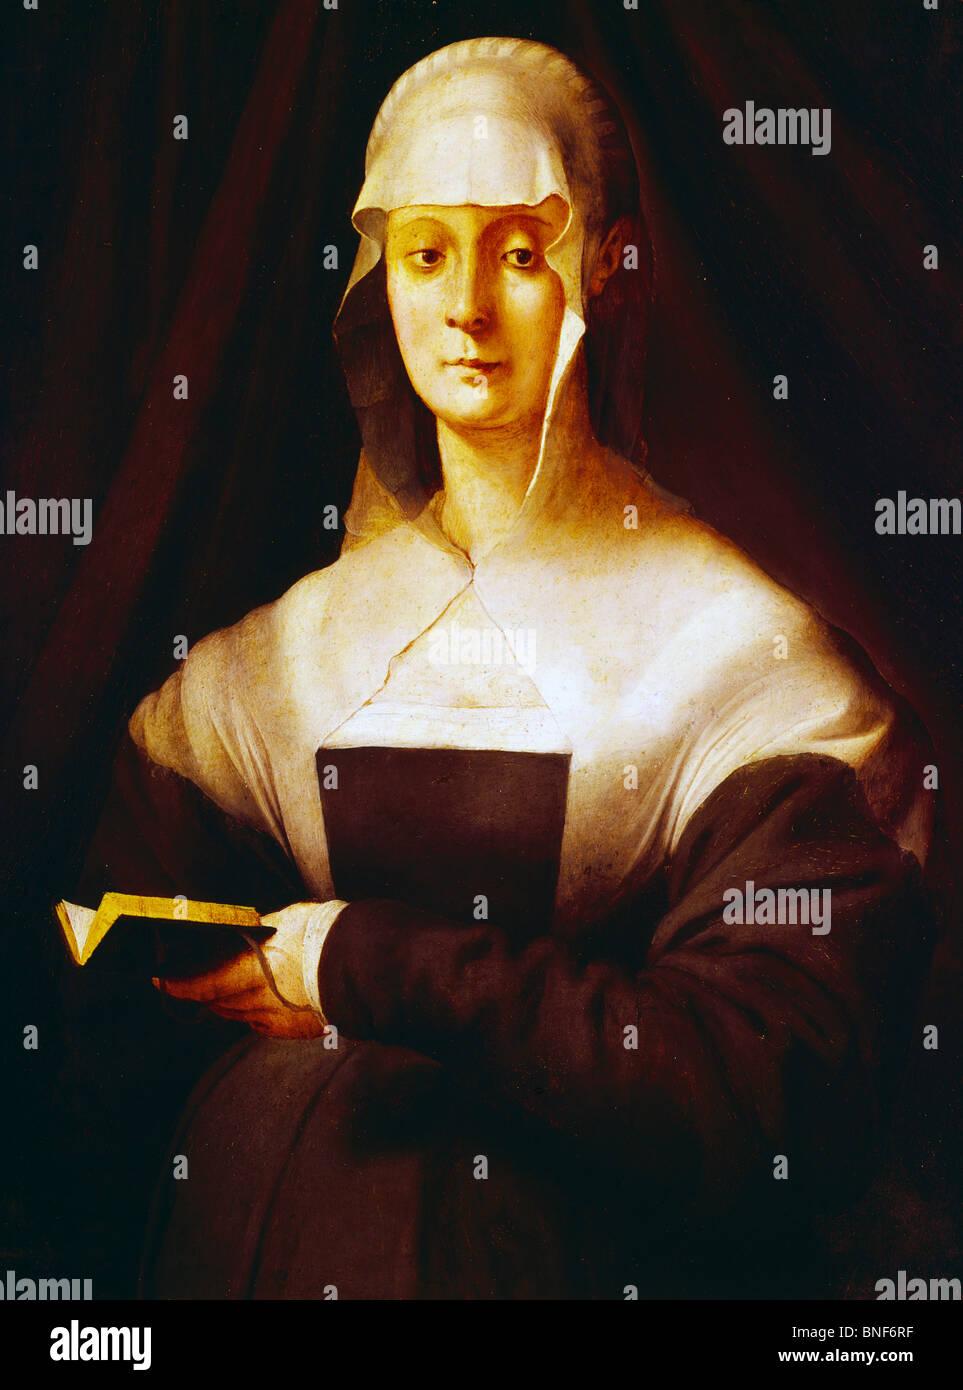 Maria Salviati da Jacopo Pontormo, olio su pannello, 1537, (1494-1556), Italia, Firenze, Galleria degli Uffizi Immagini Stock